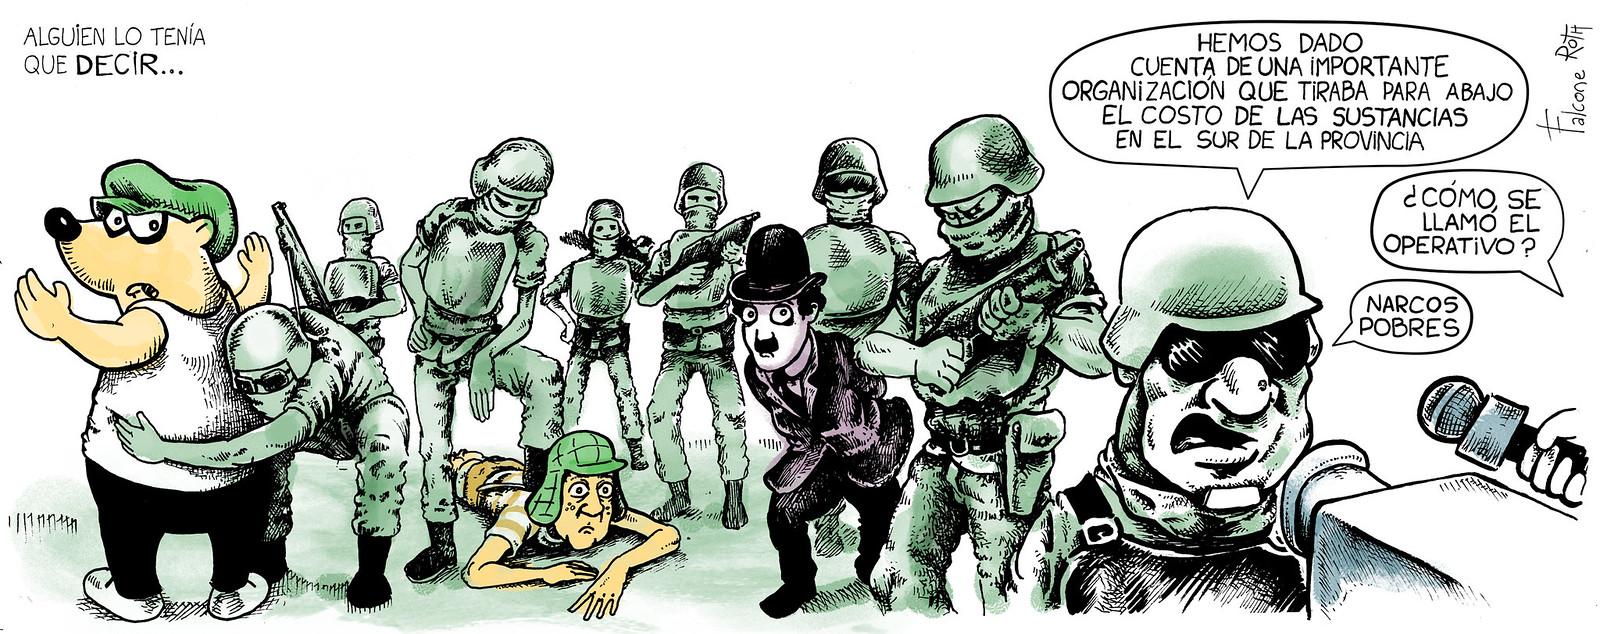 narcos-pobres